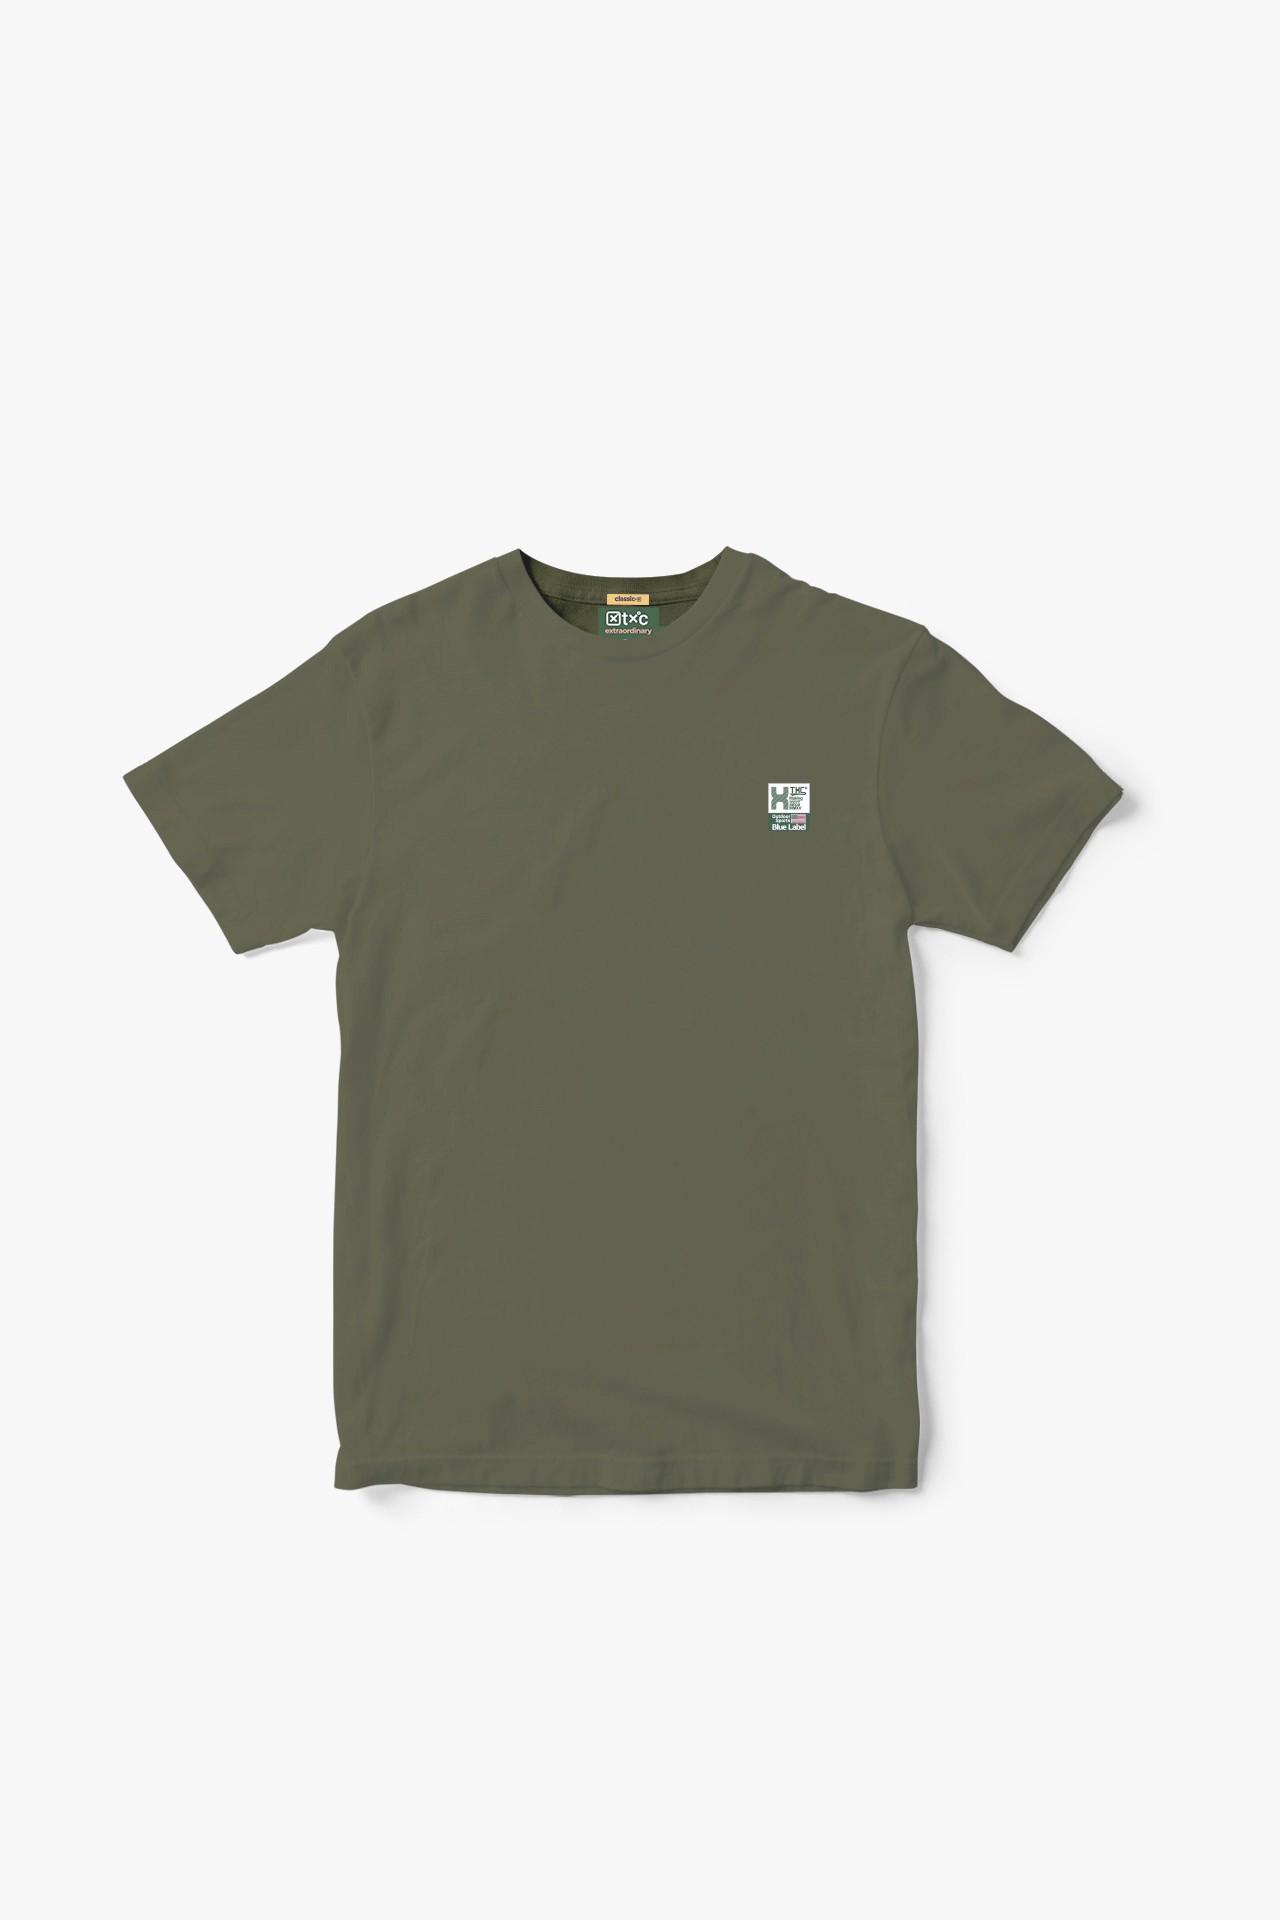 Camiseta TXC Brand 19103